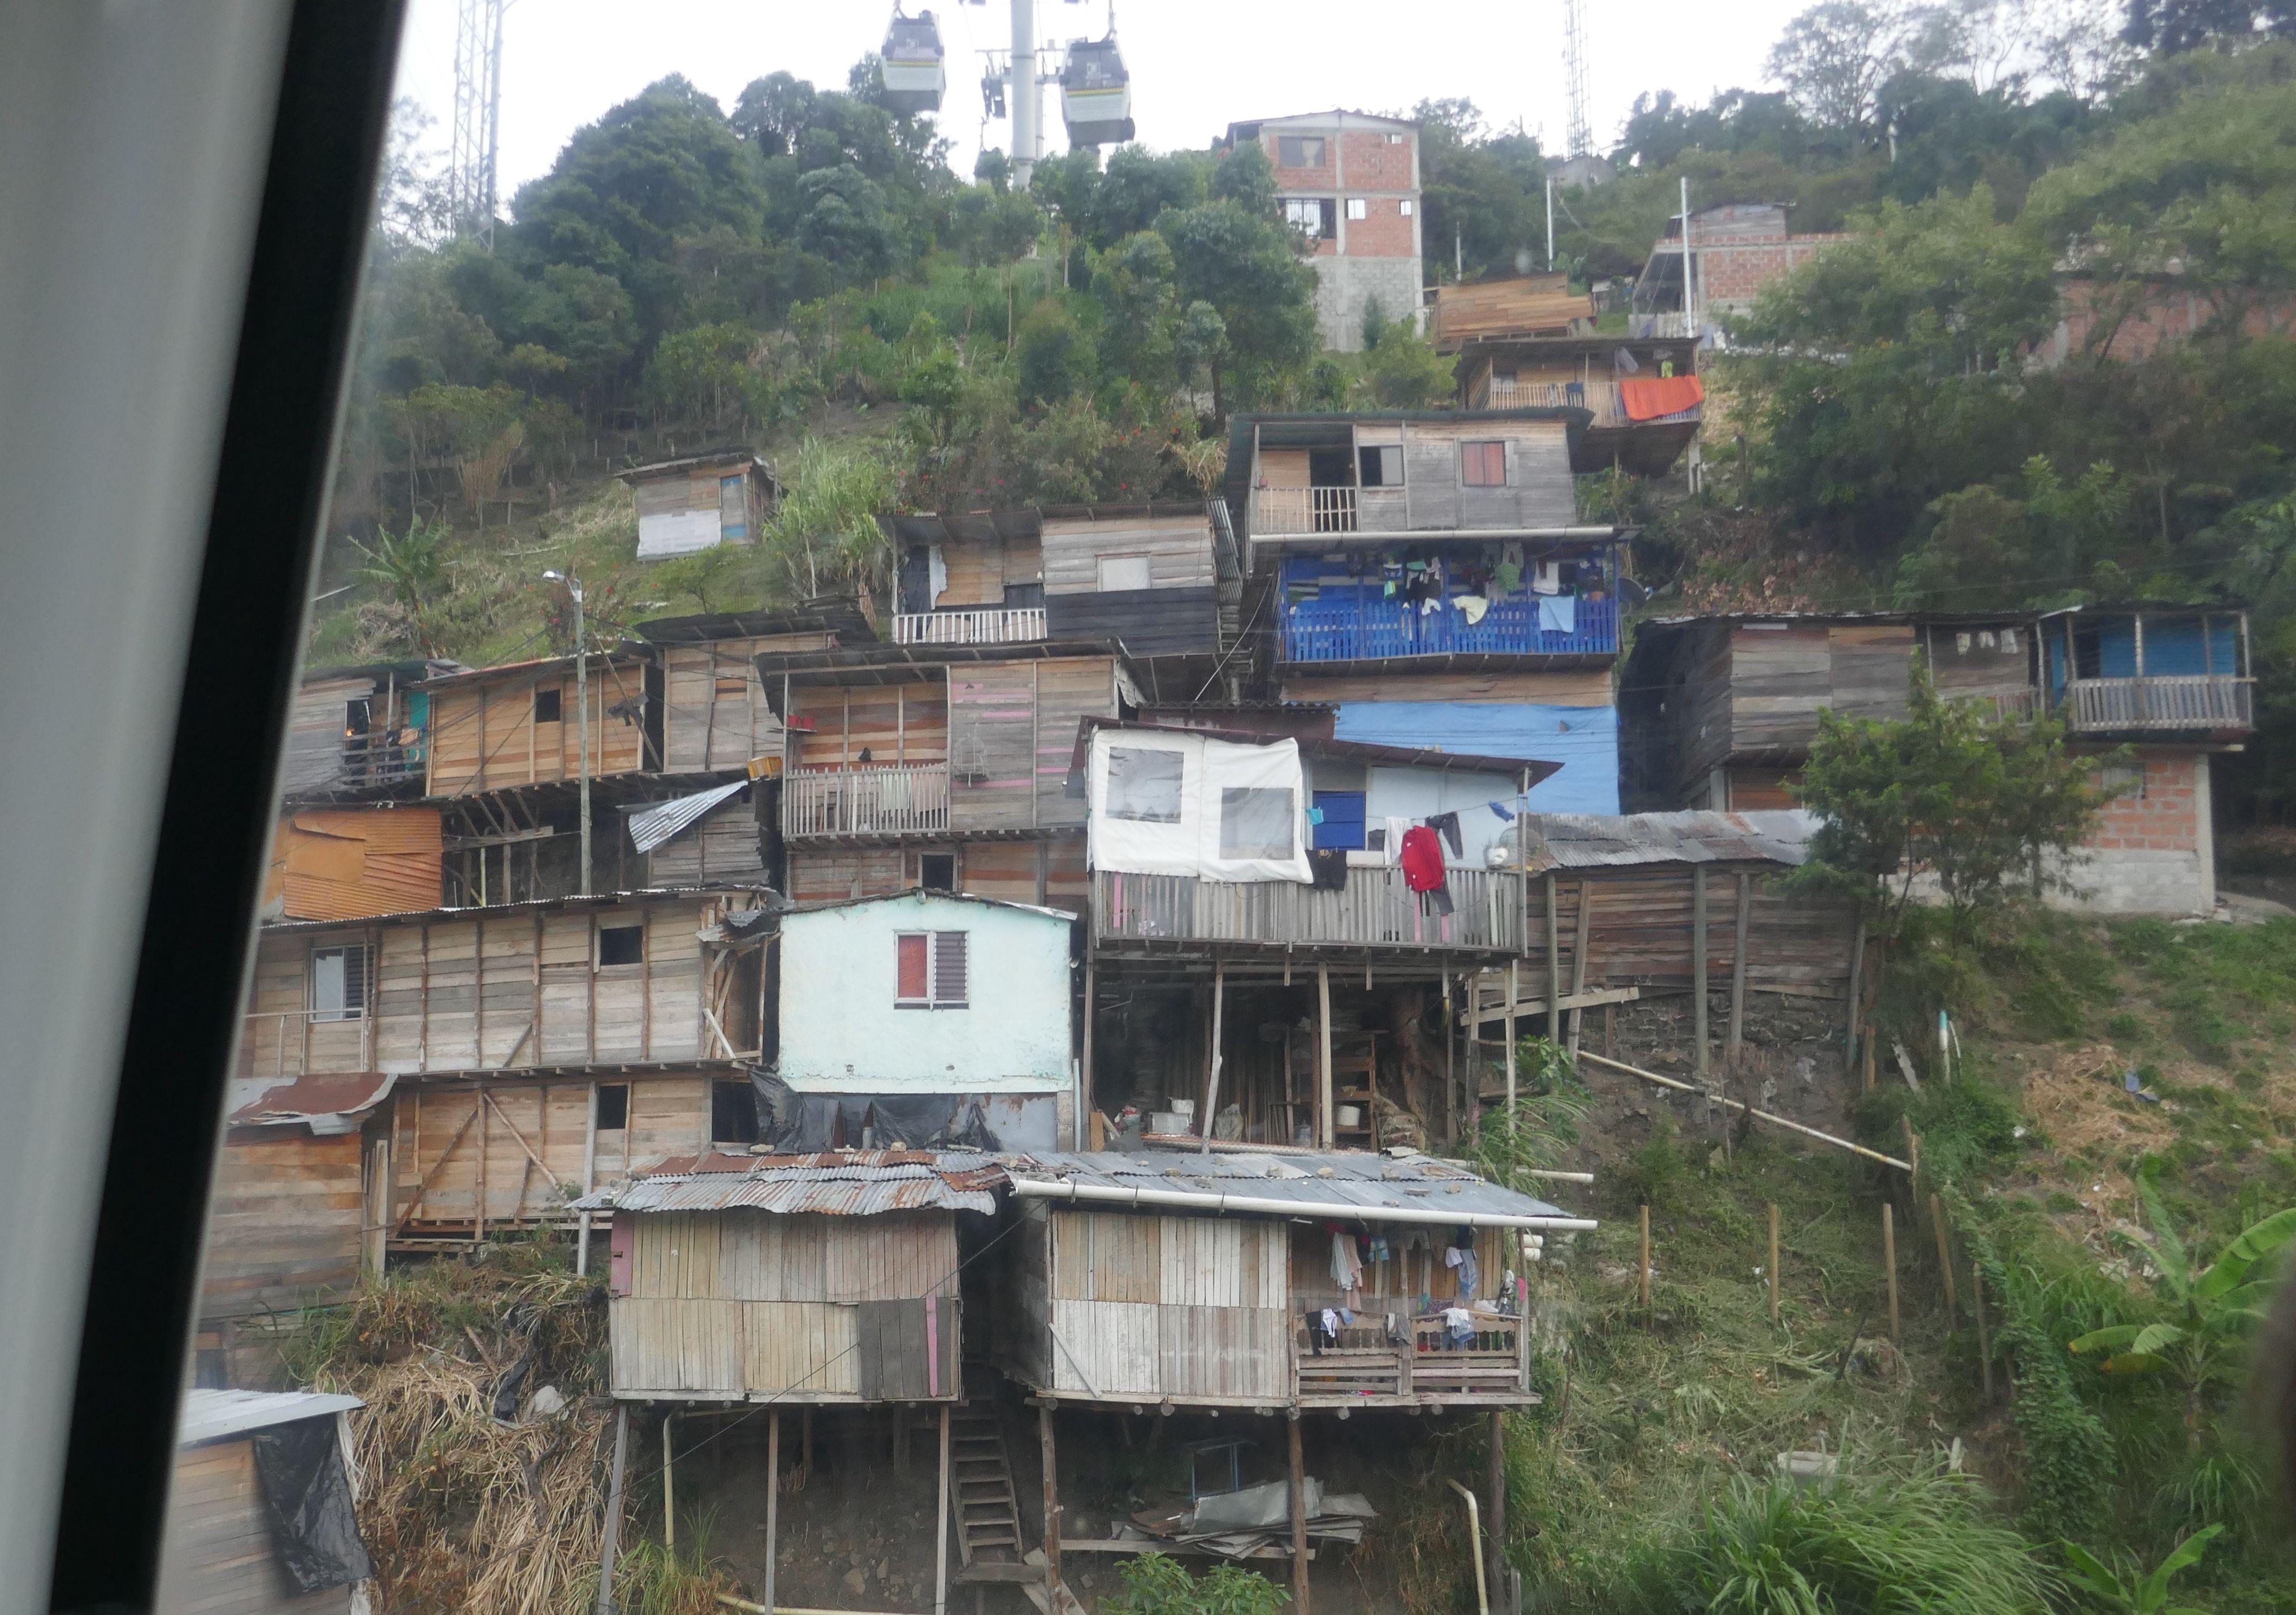 Crisis in Latijns-Amerikaanse landen overschaduwt Venezuela